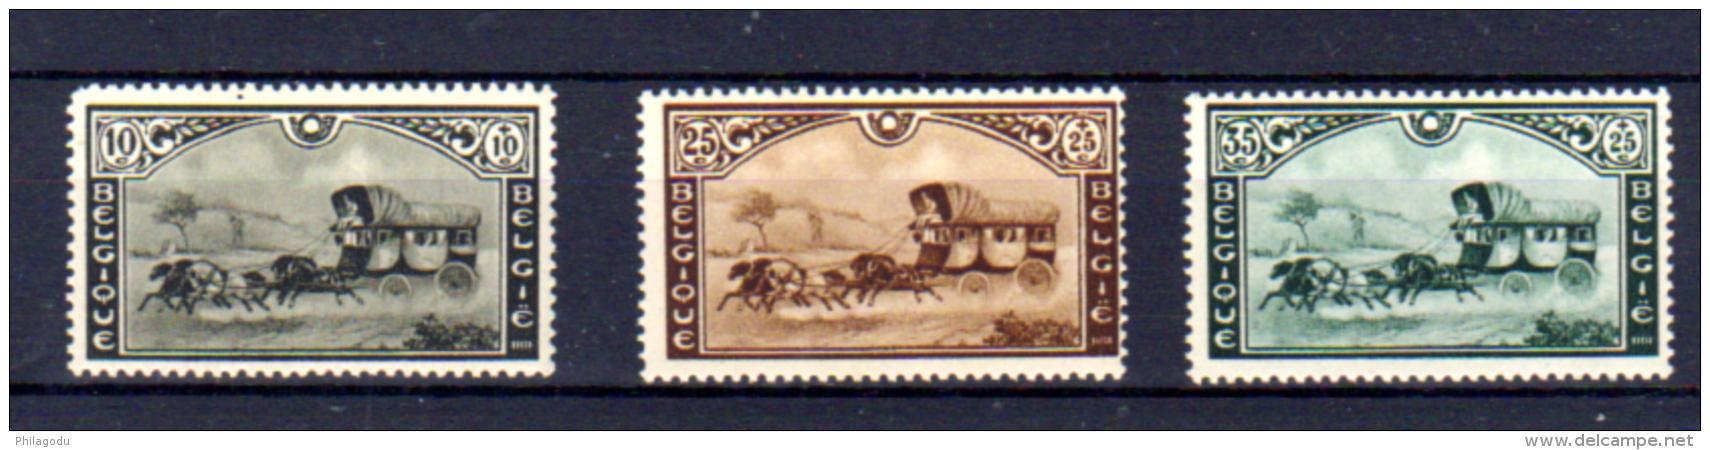 Exposition Universelle De Bruxelles, « Malle Poste », 407 / 409**, - 1935 – Brüssel (Belgien)